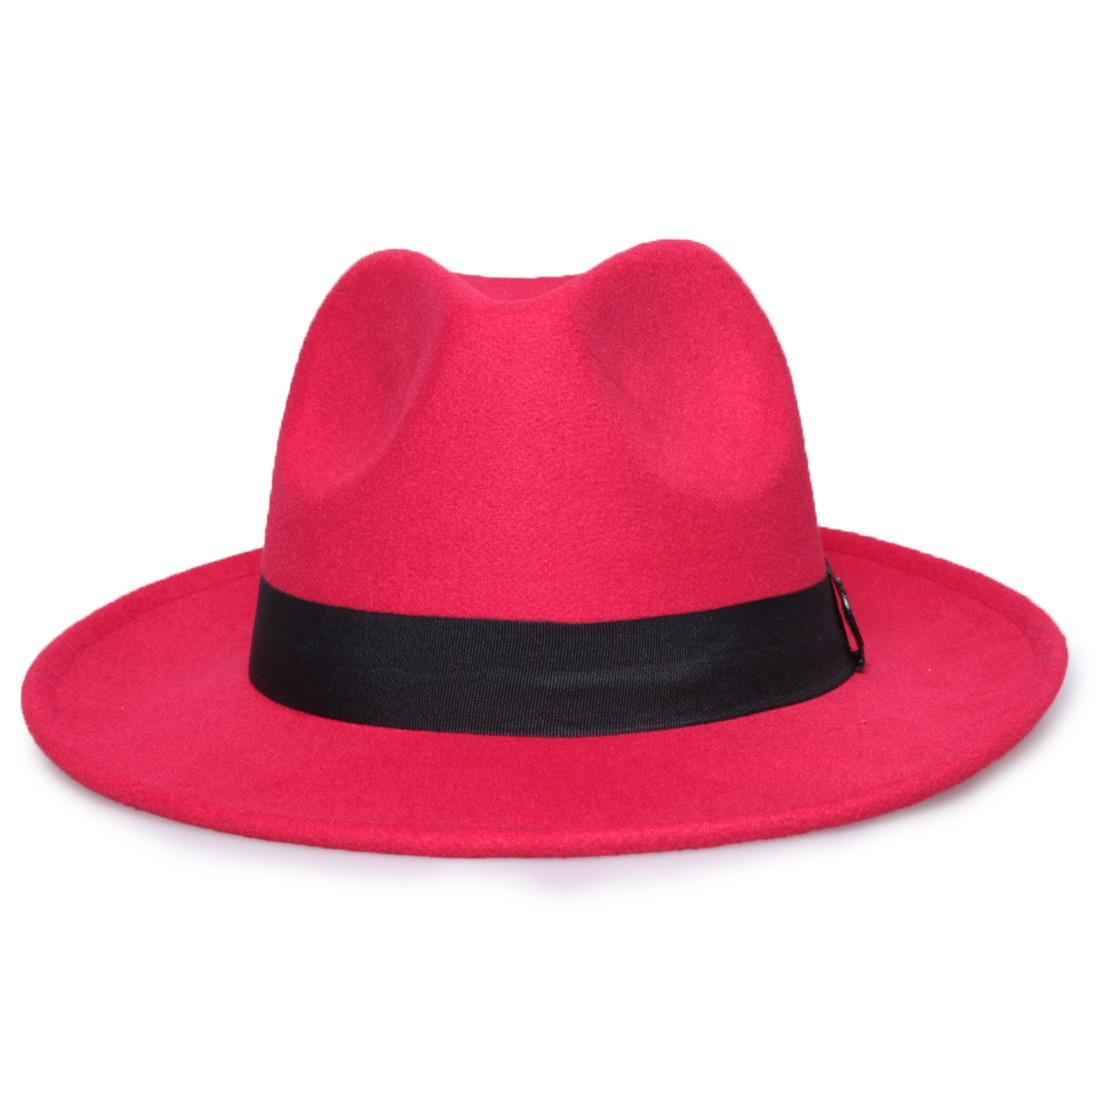 bc3e452d4571a chapéu fedora vermelho aba média 7cm - tam. único. Carregando zoom.